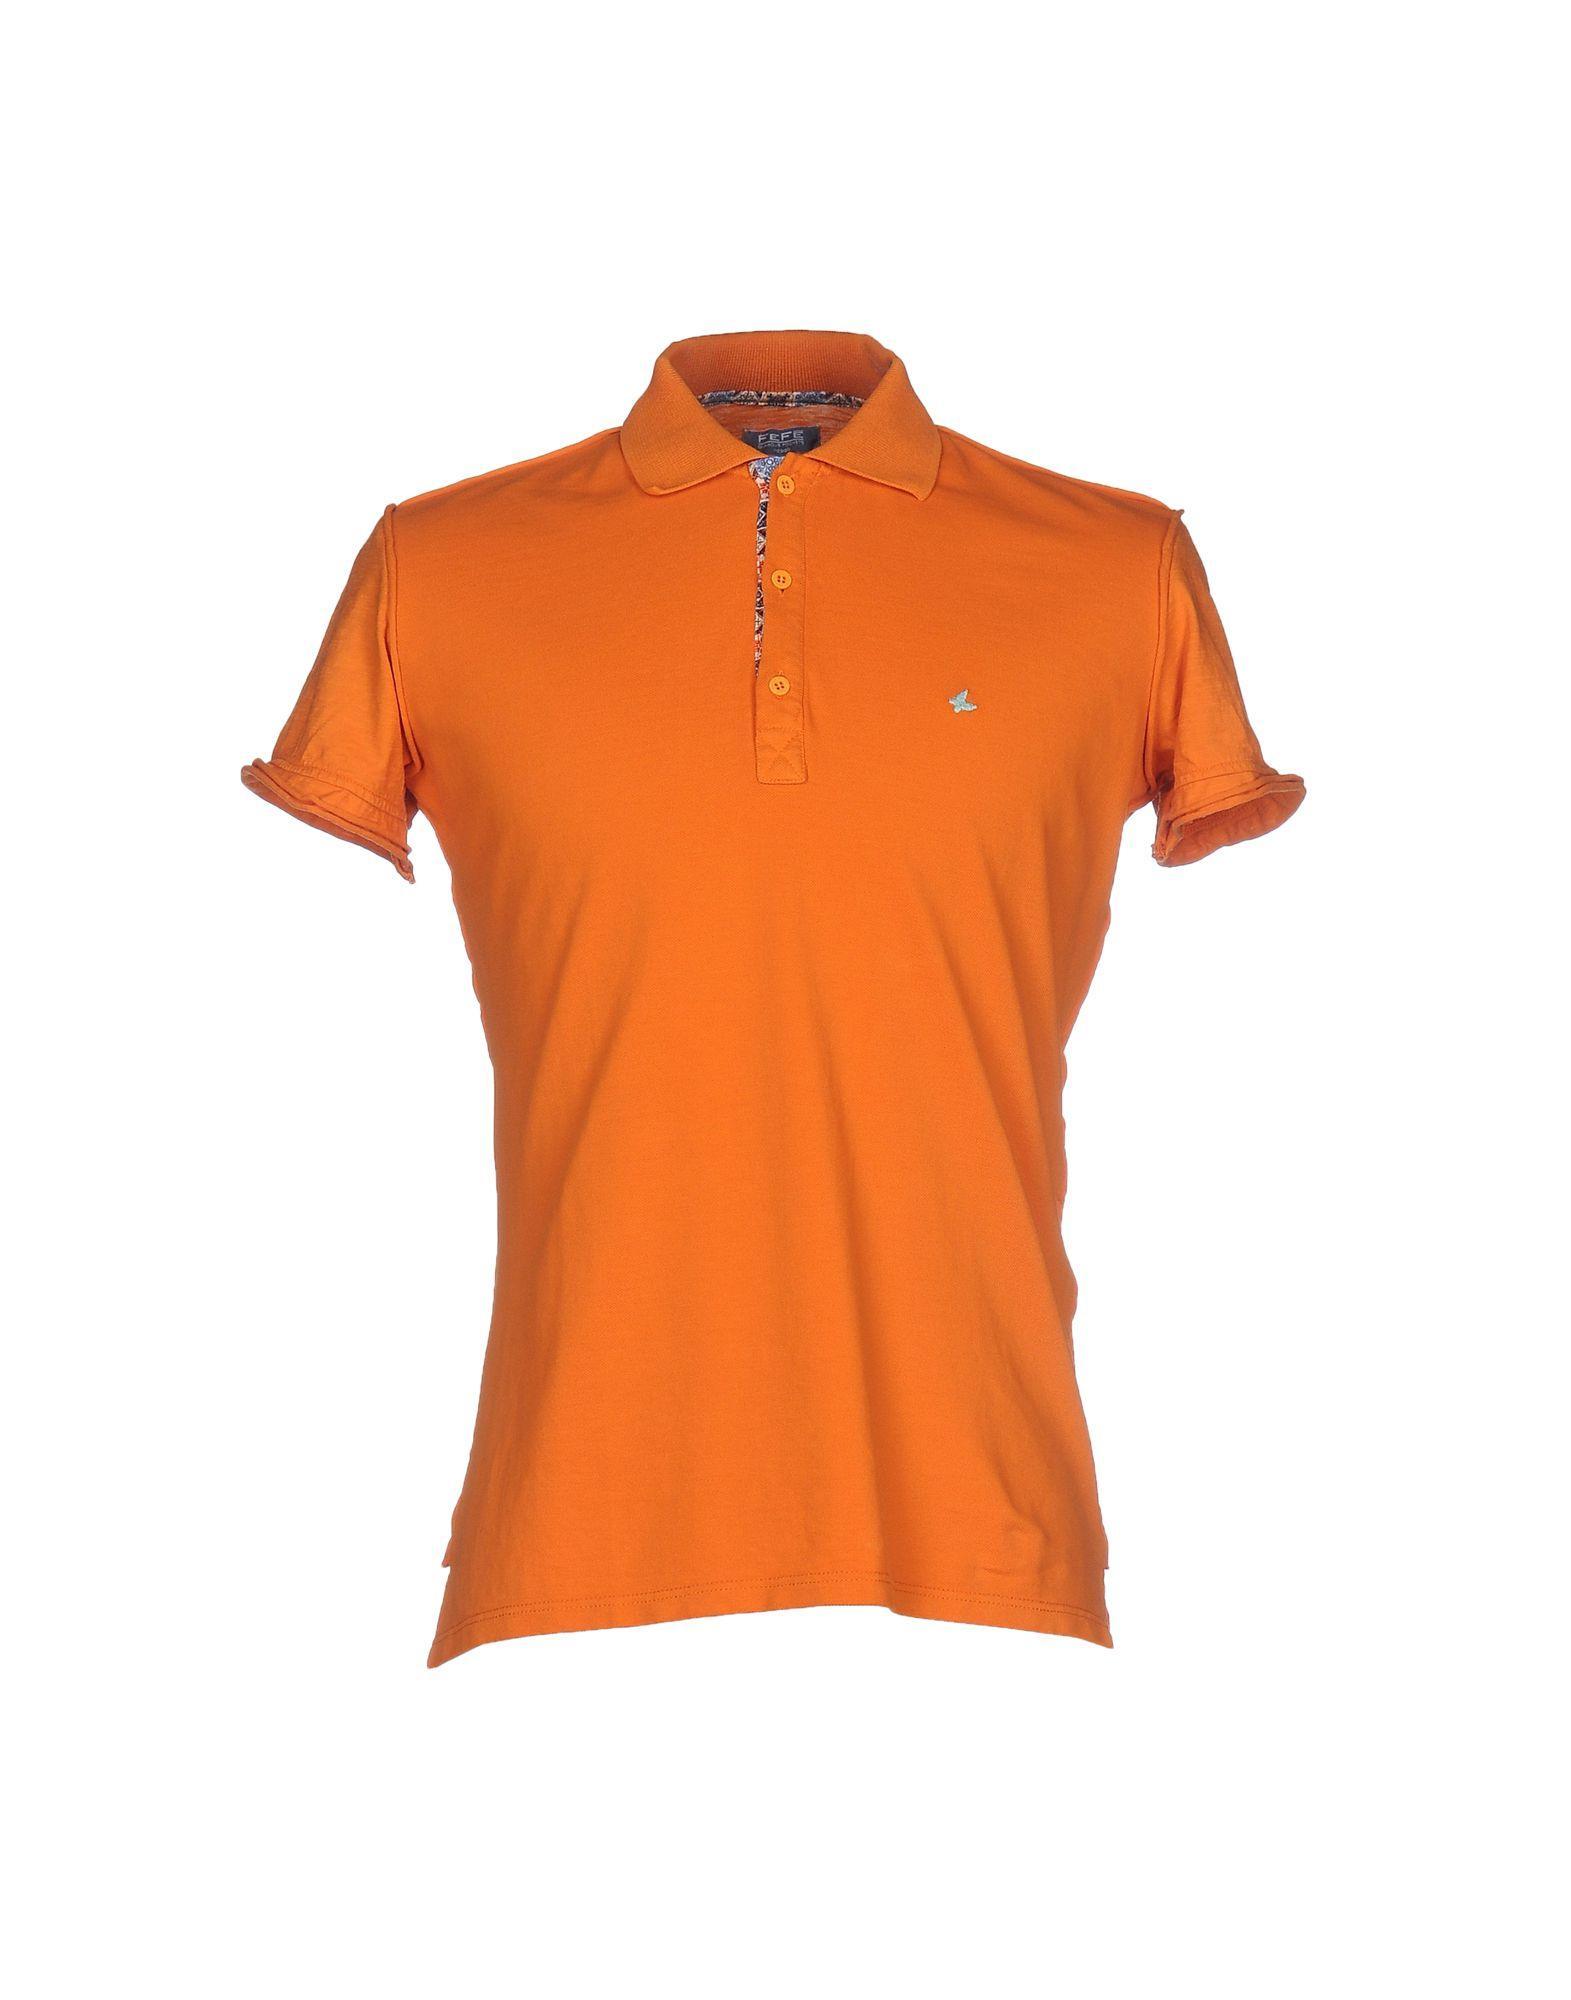 Fefe polo shirt in orange for men lyst for Orange polo shirt mens